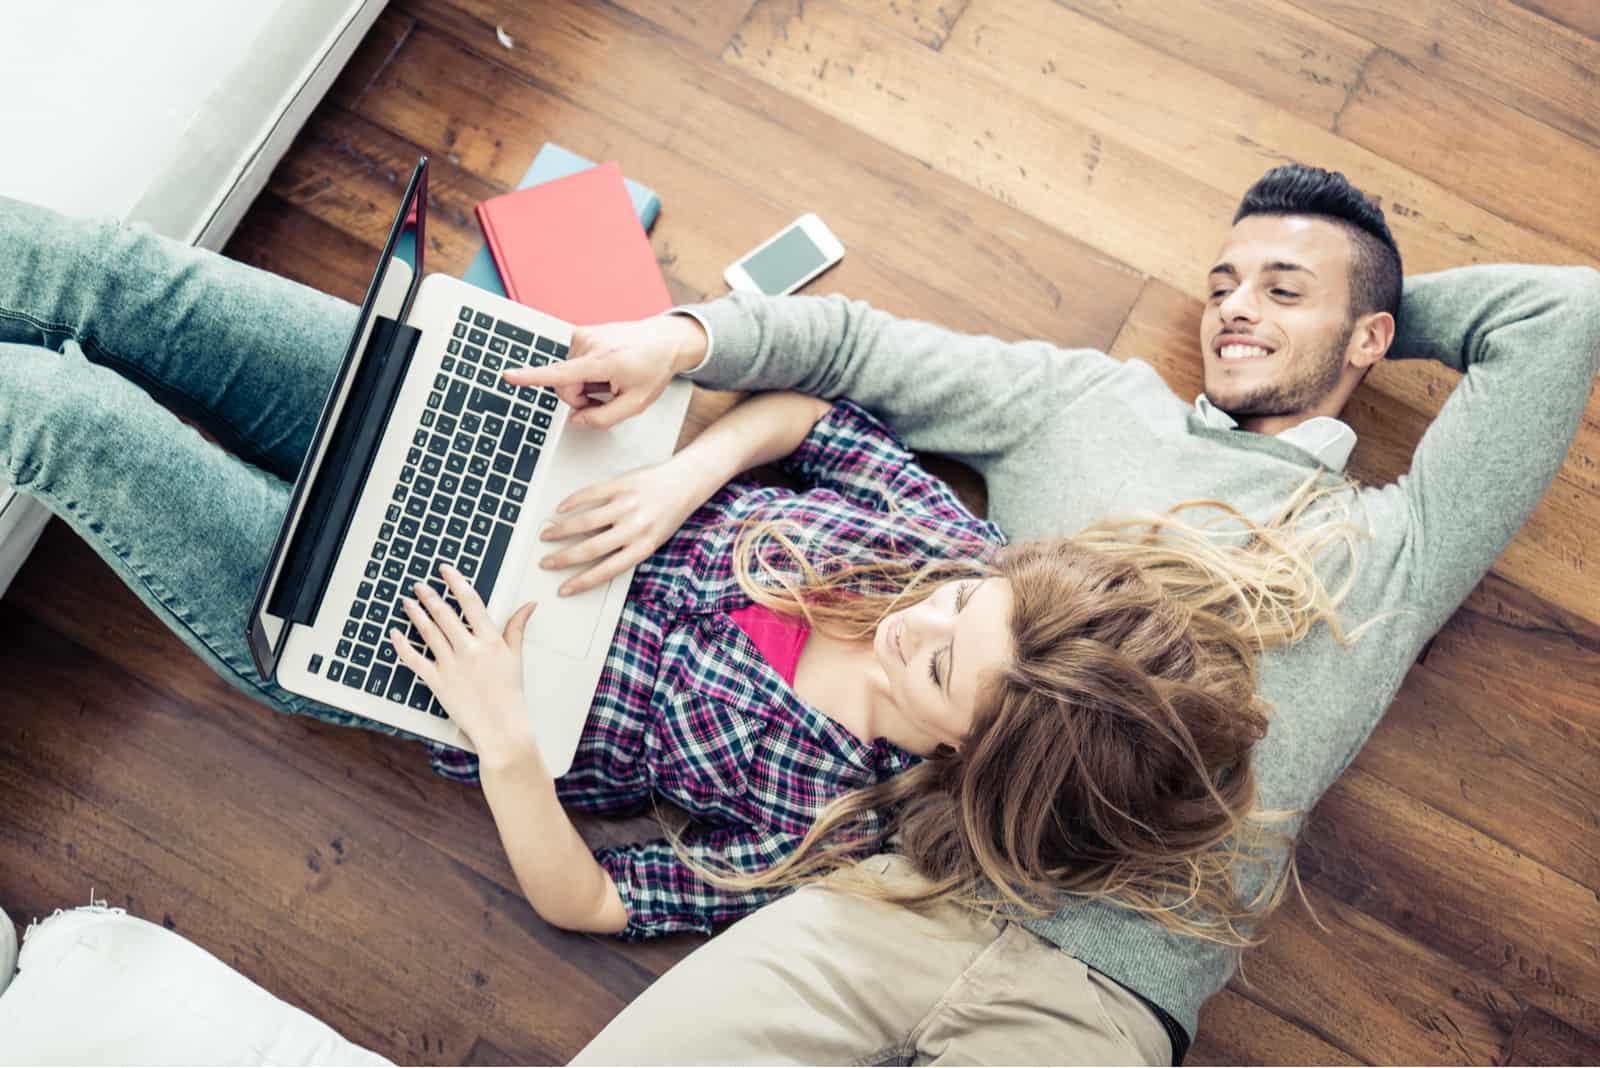 Auf dem Boden des Raumes schaut sich ein Liebespaar etwas auf einem Laptop an